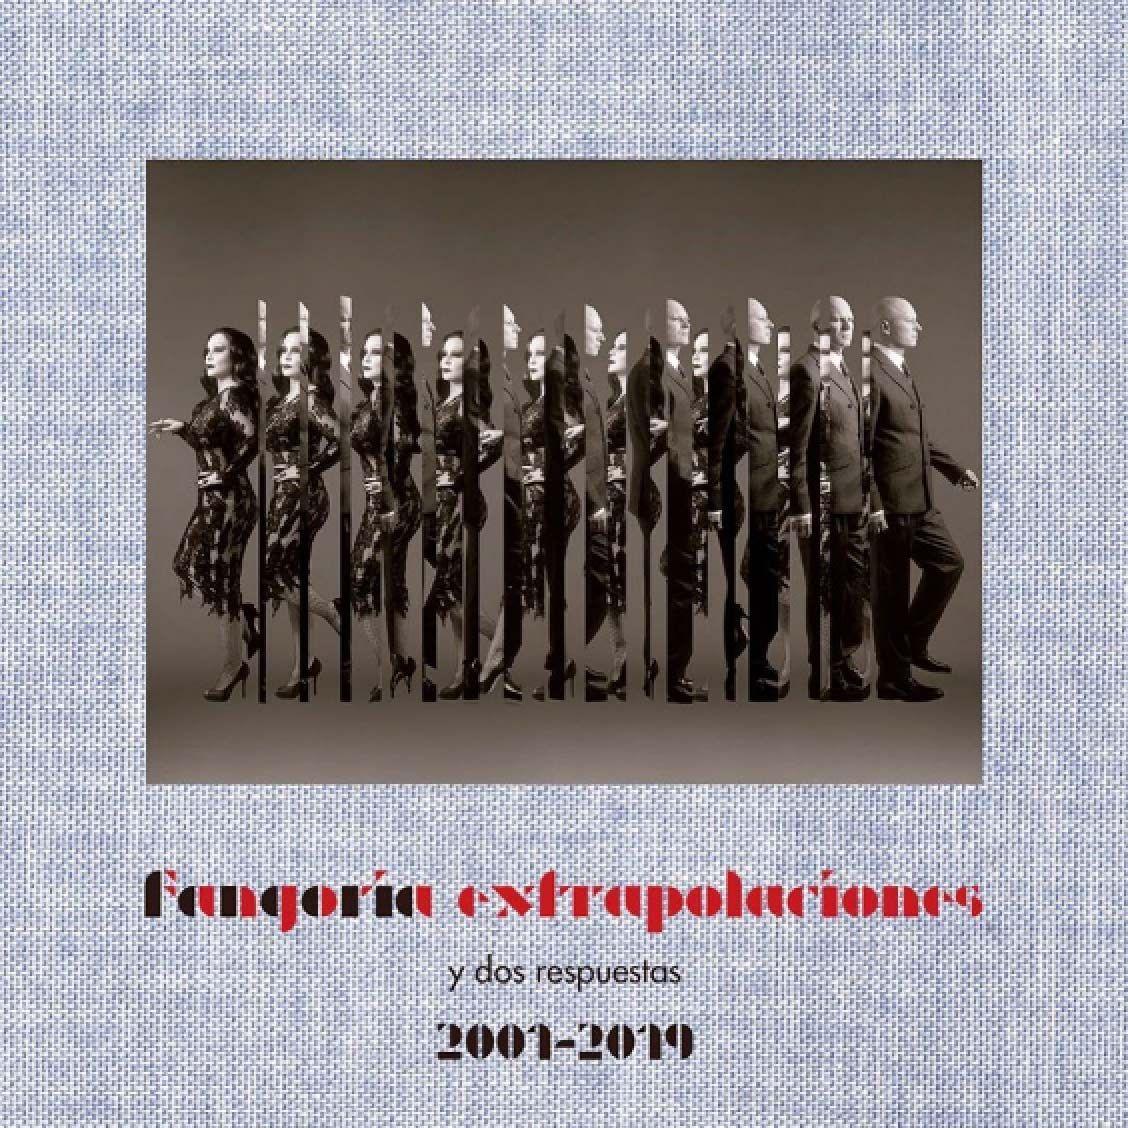 Fangoria Extrapolaciones Y Dos Respuestas 2001 2019 Nuevo Disco Noticias Musicales Canciones